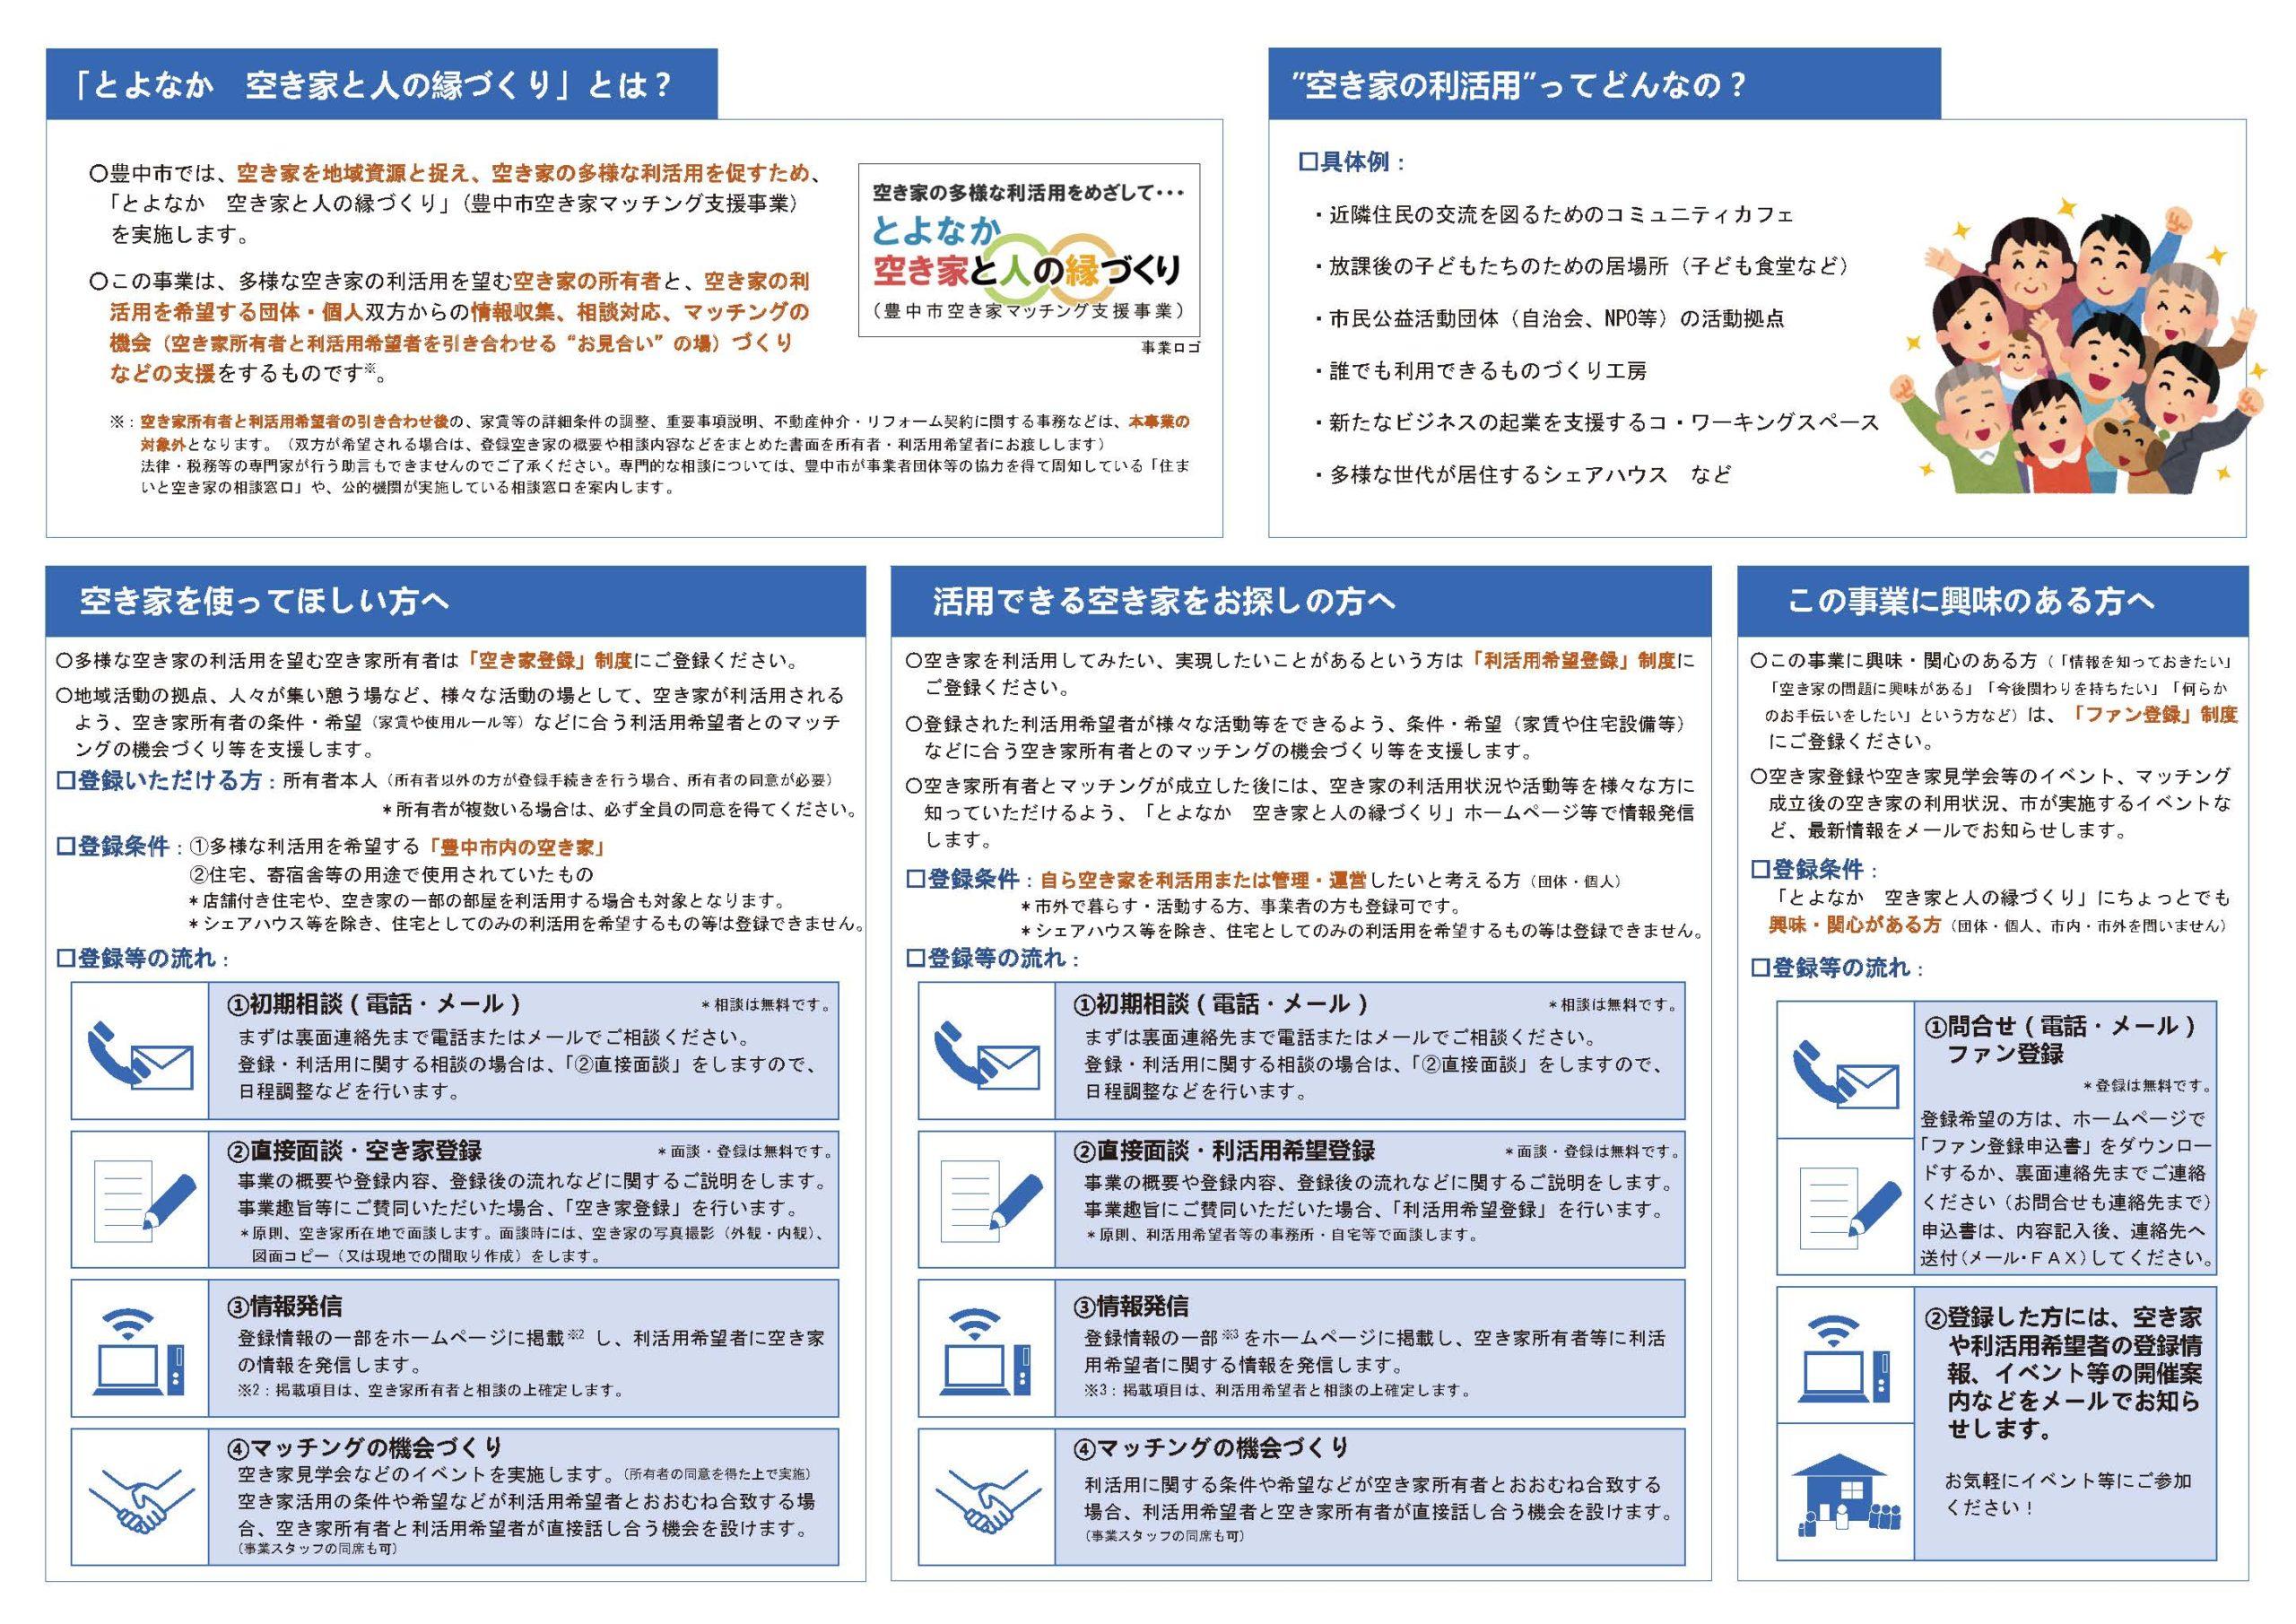 豊中市空き家マッチング支援事業